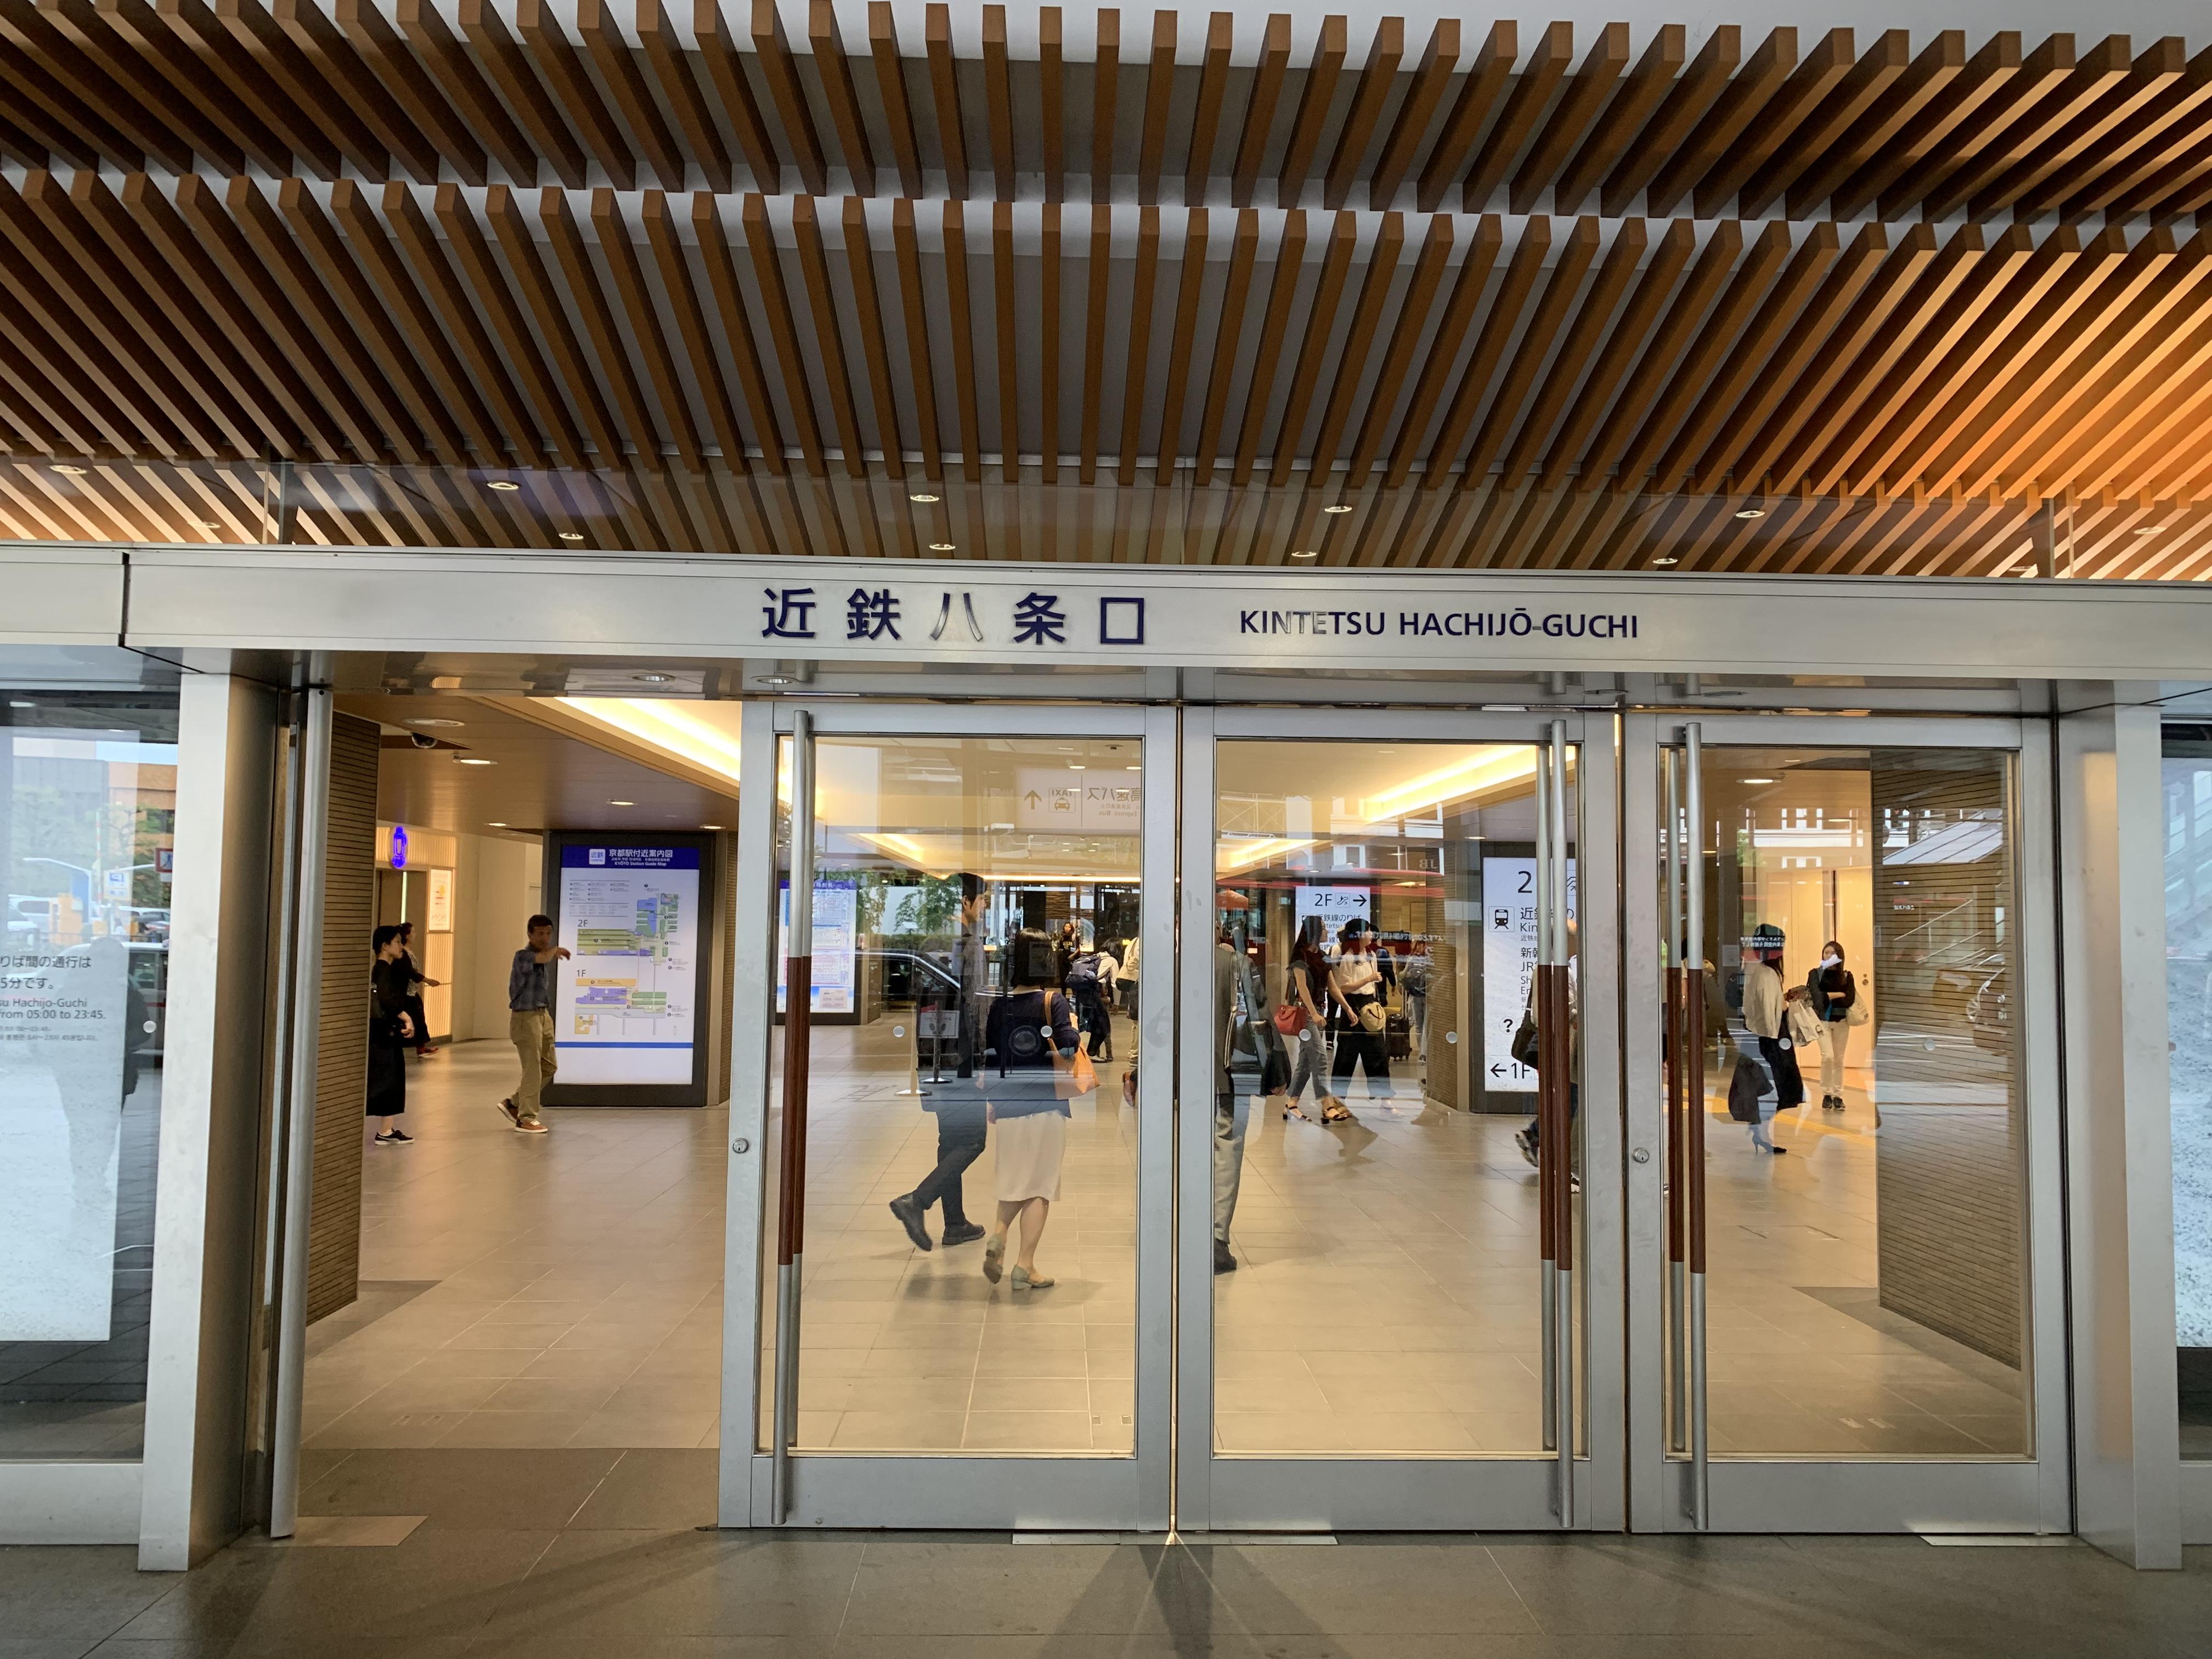 京都八条口のタクシー乗り場